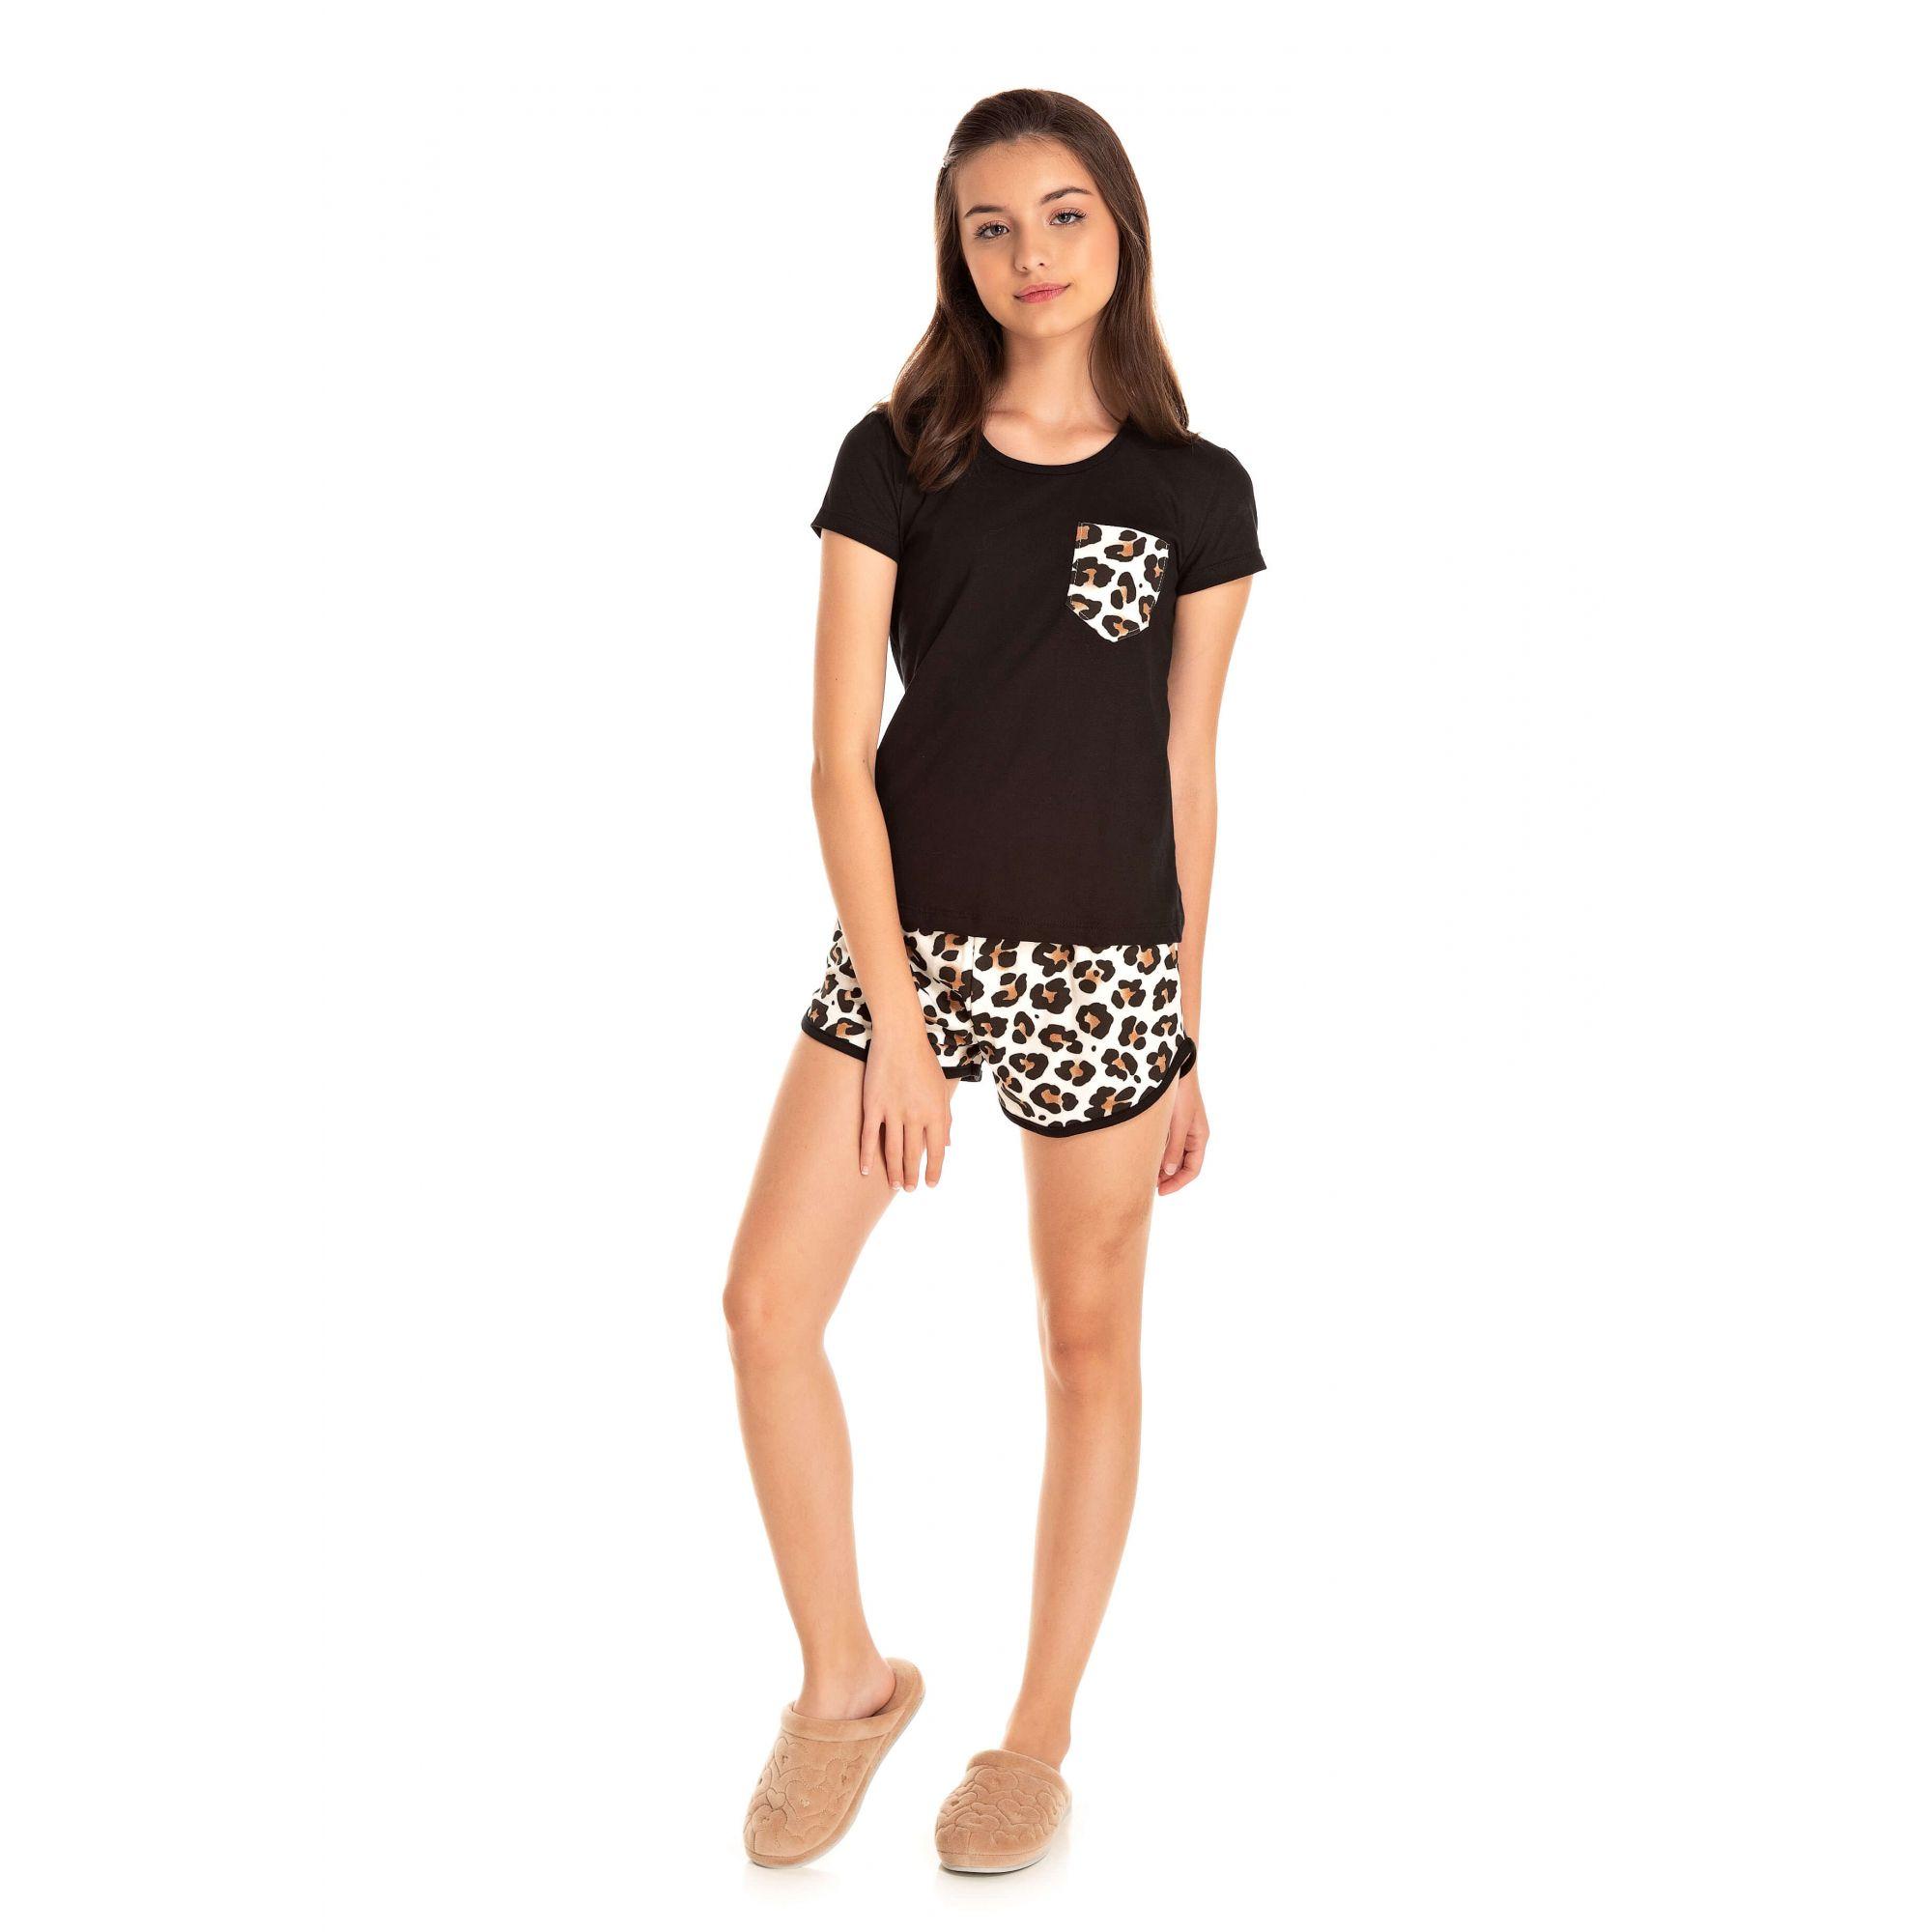 002 - Short Doll  Juvenil Feminino Oncinha